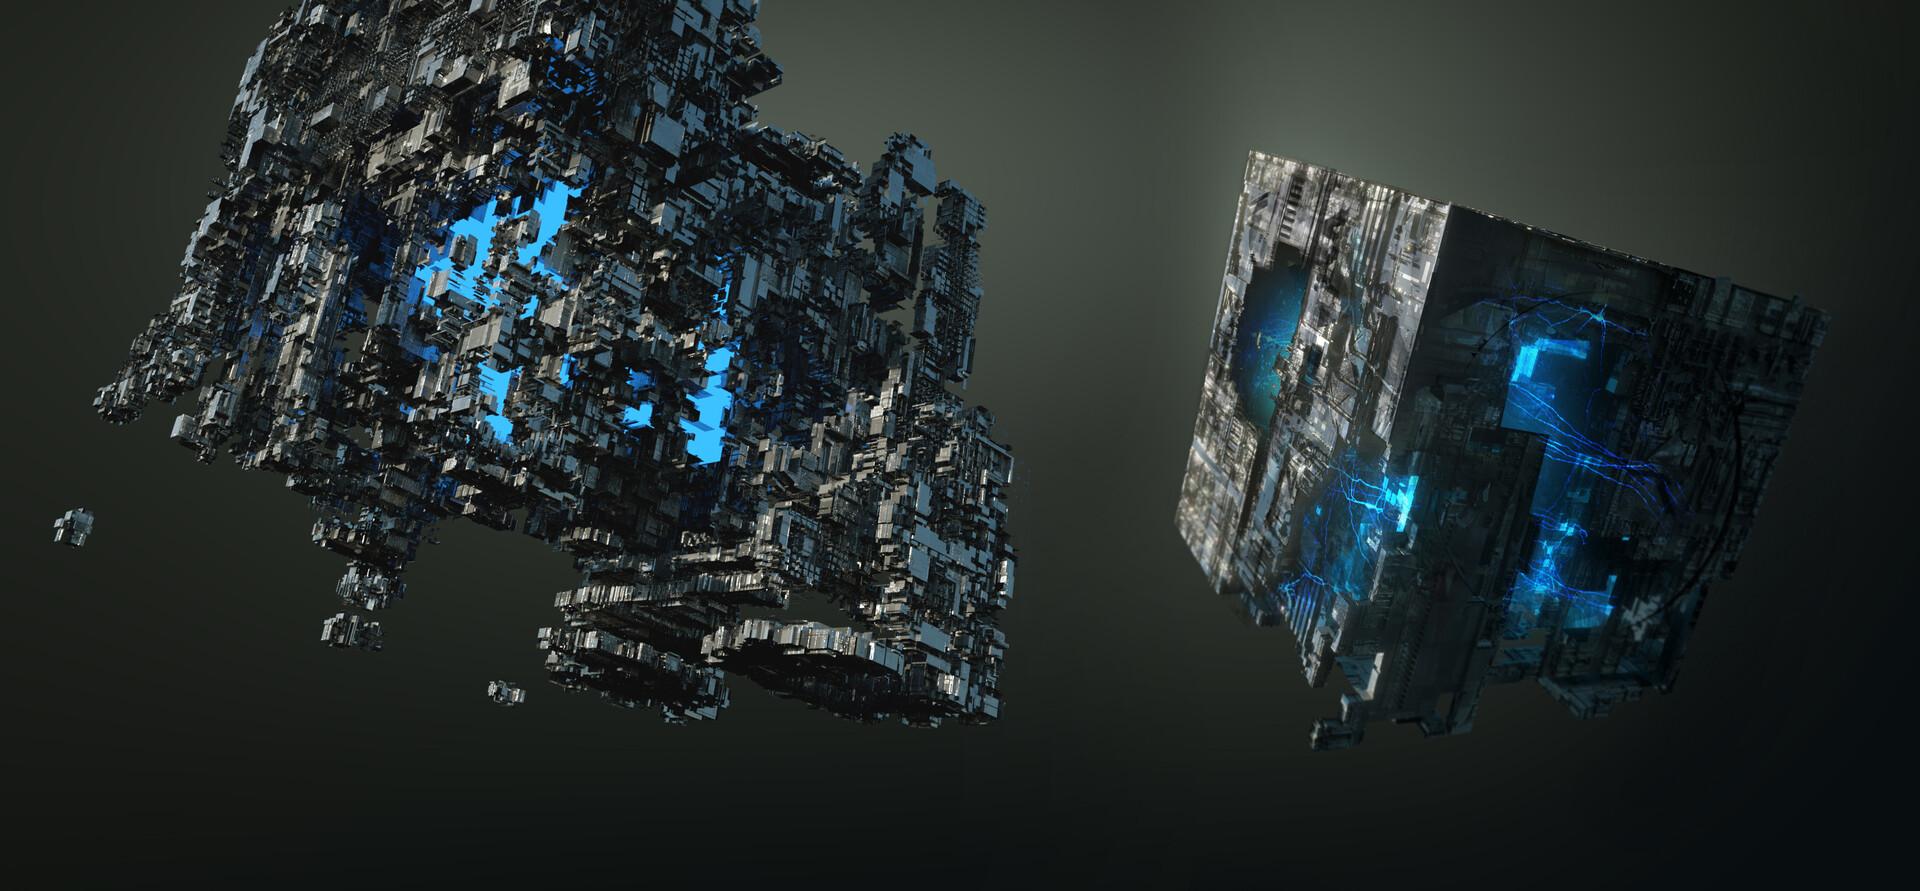 Leon tukker smallcubedesign1 comparison